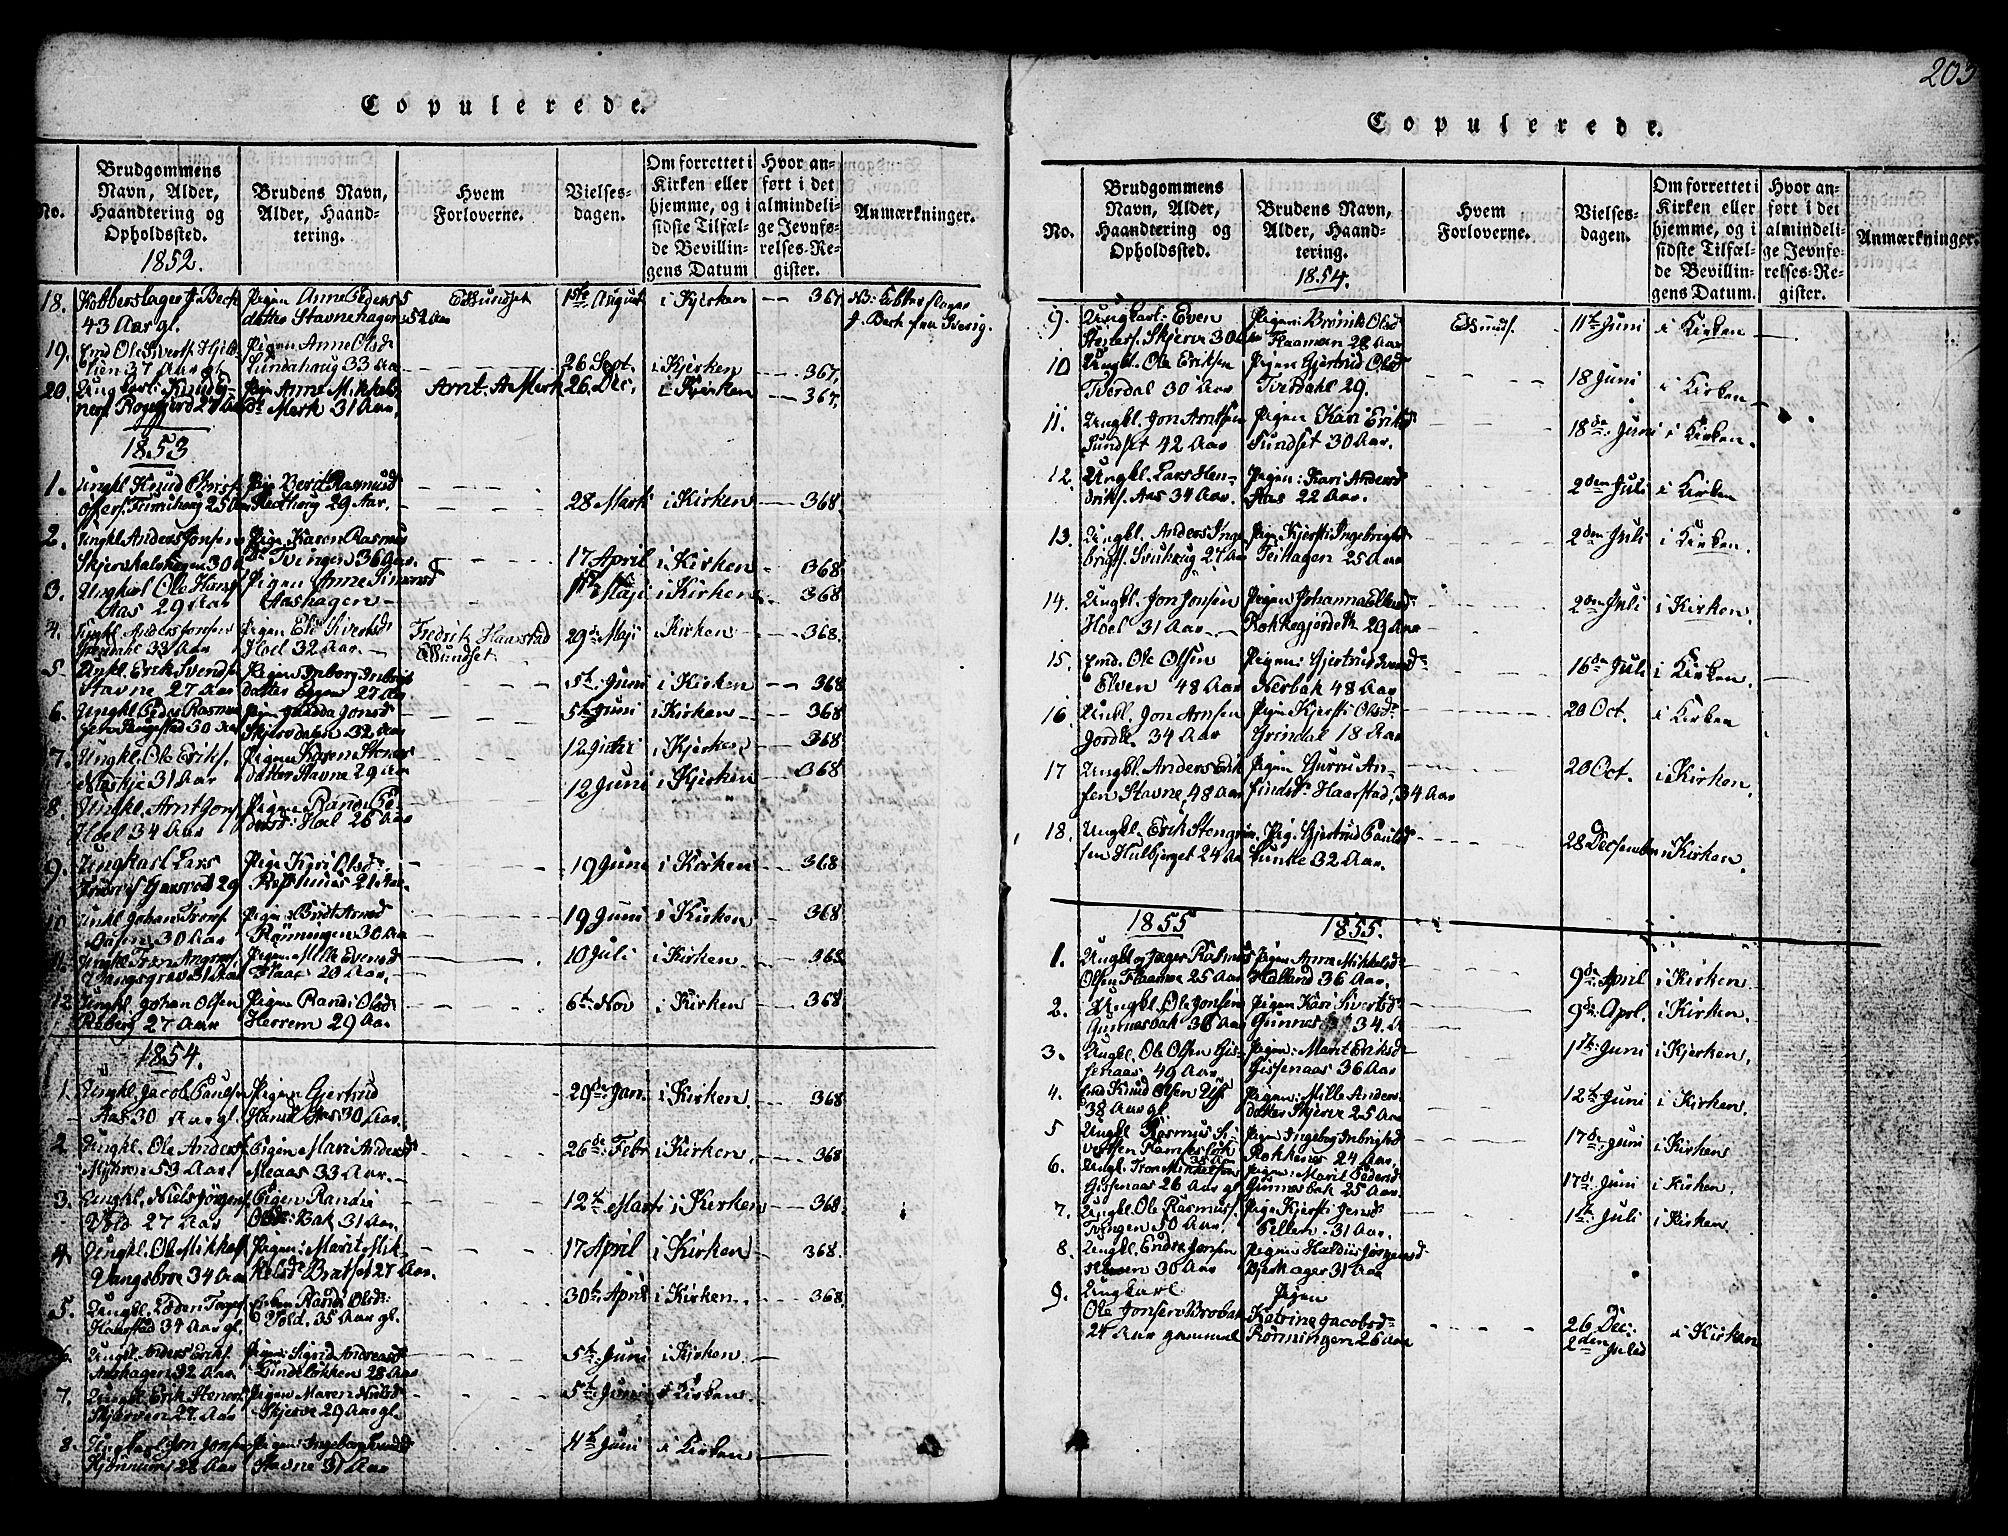 SAT, Ministerialprotokoller, klokkerbøker og fødselsregistre - Sør-Trøndelag, 674/L0874: Klokkerbok nr. 674C01, 1816-1860, s. 203